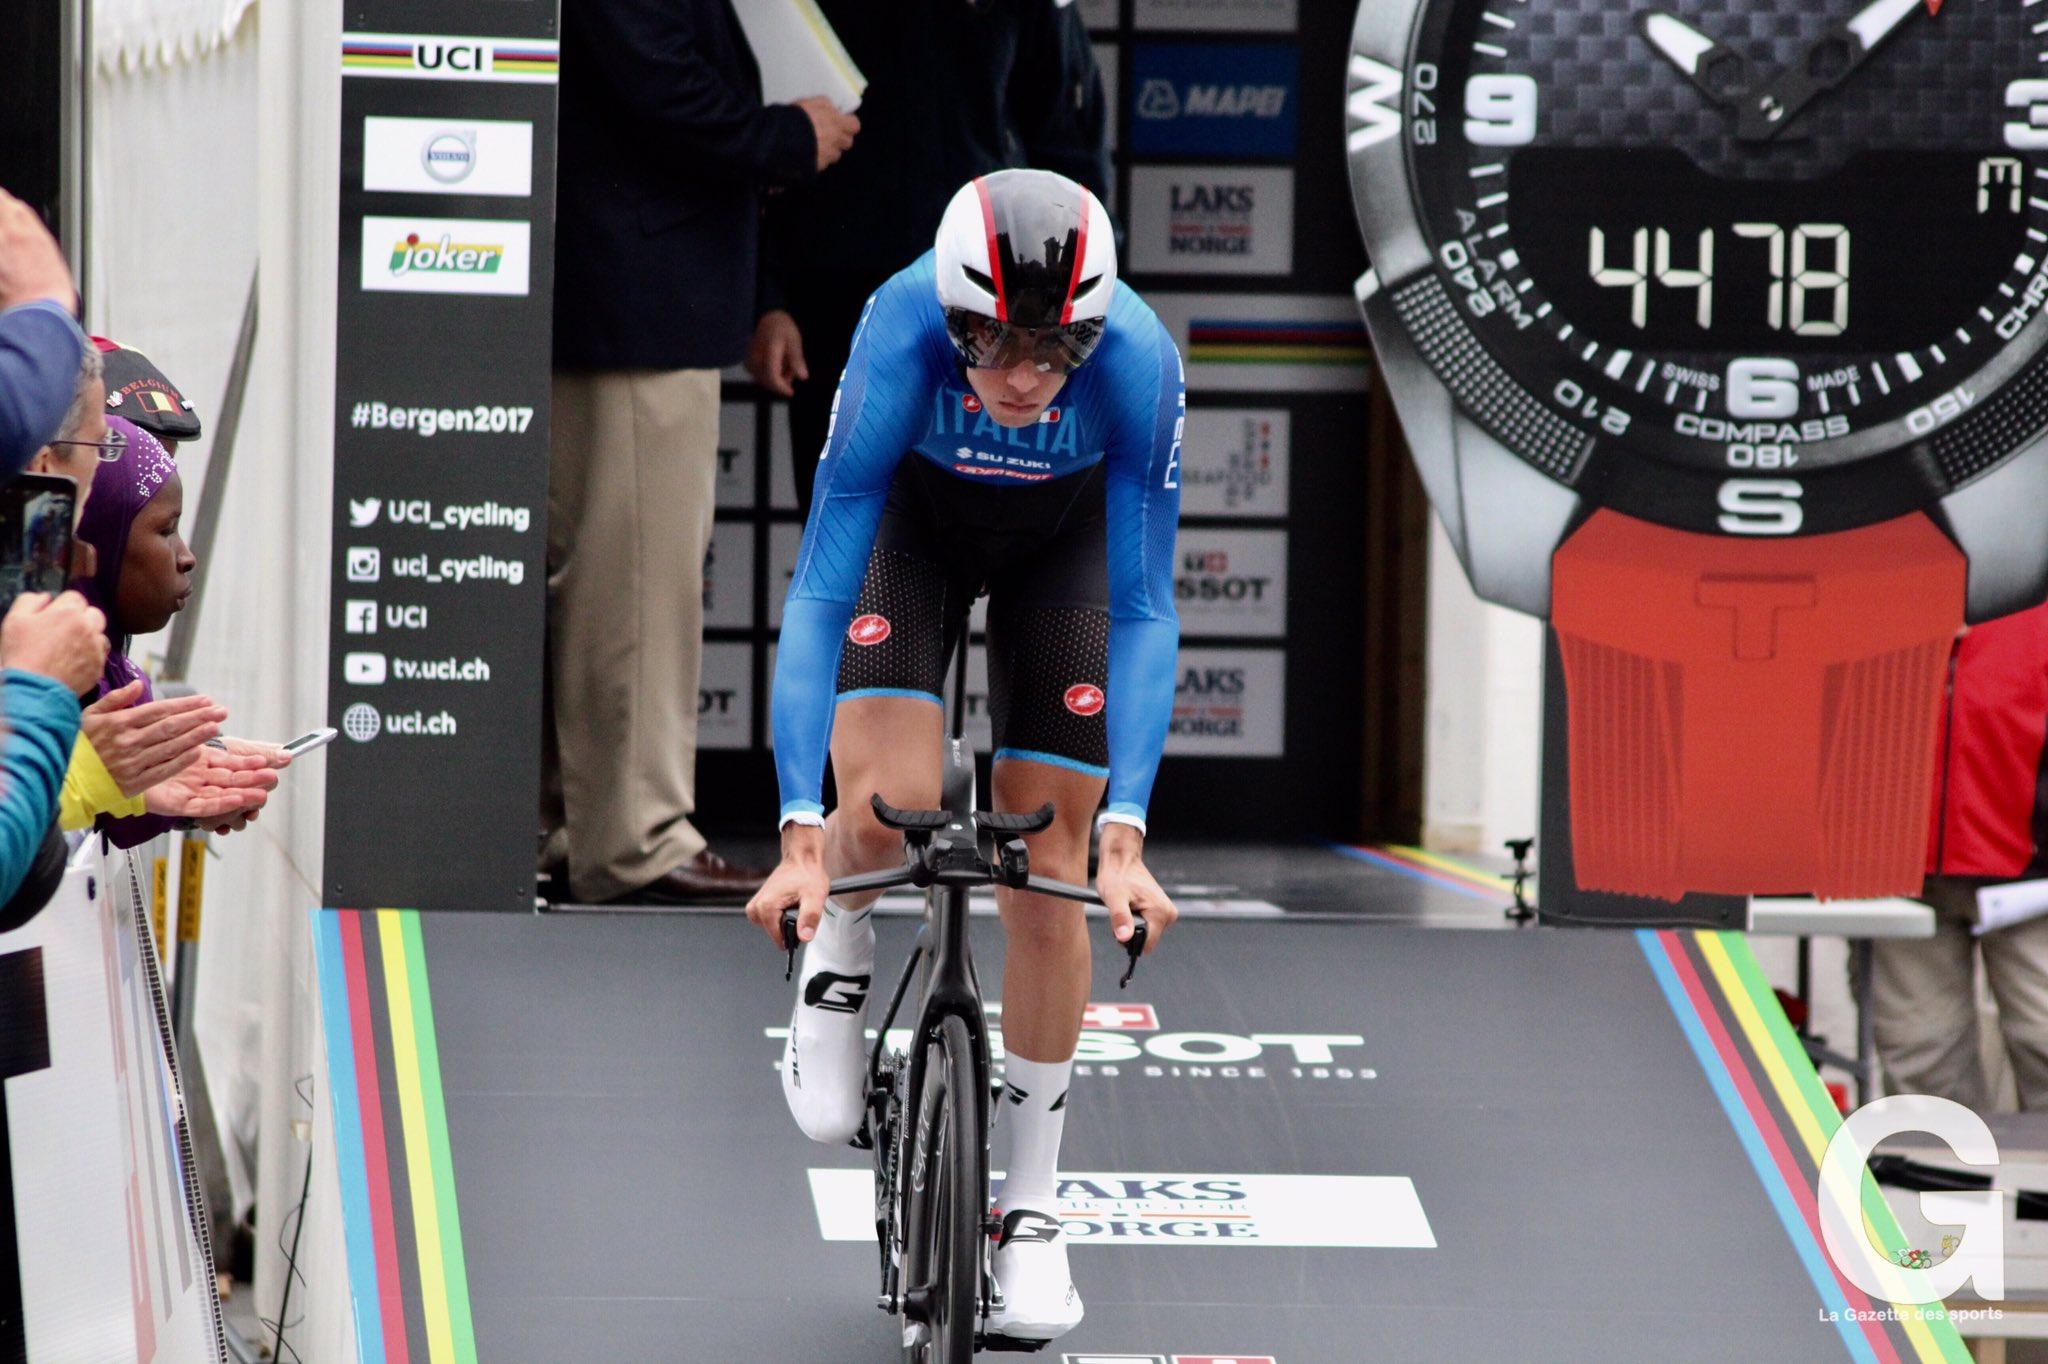 Mondiali di ciclismo, Dumoulin vince la cronometro